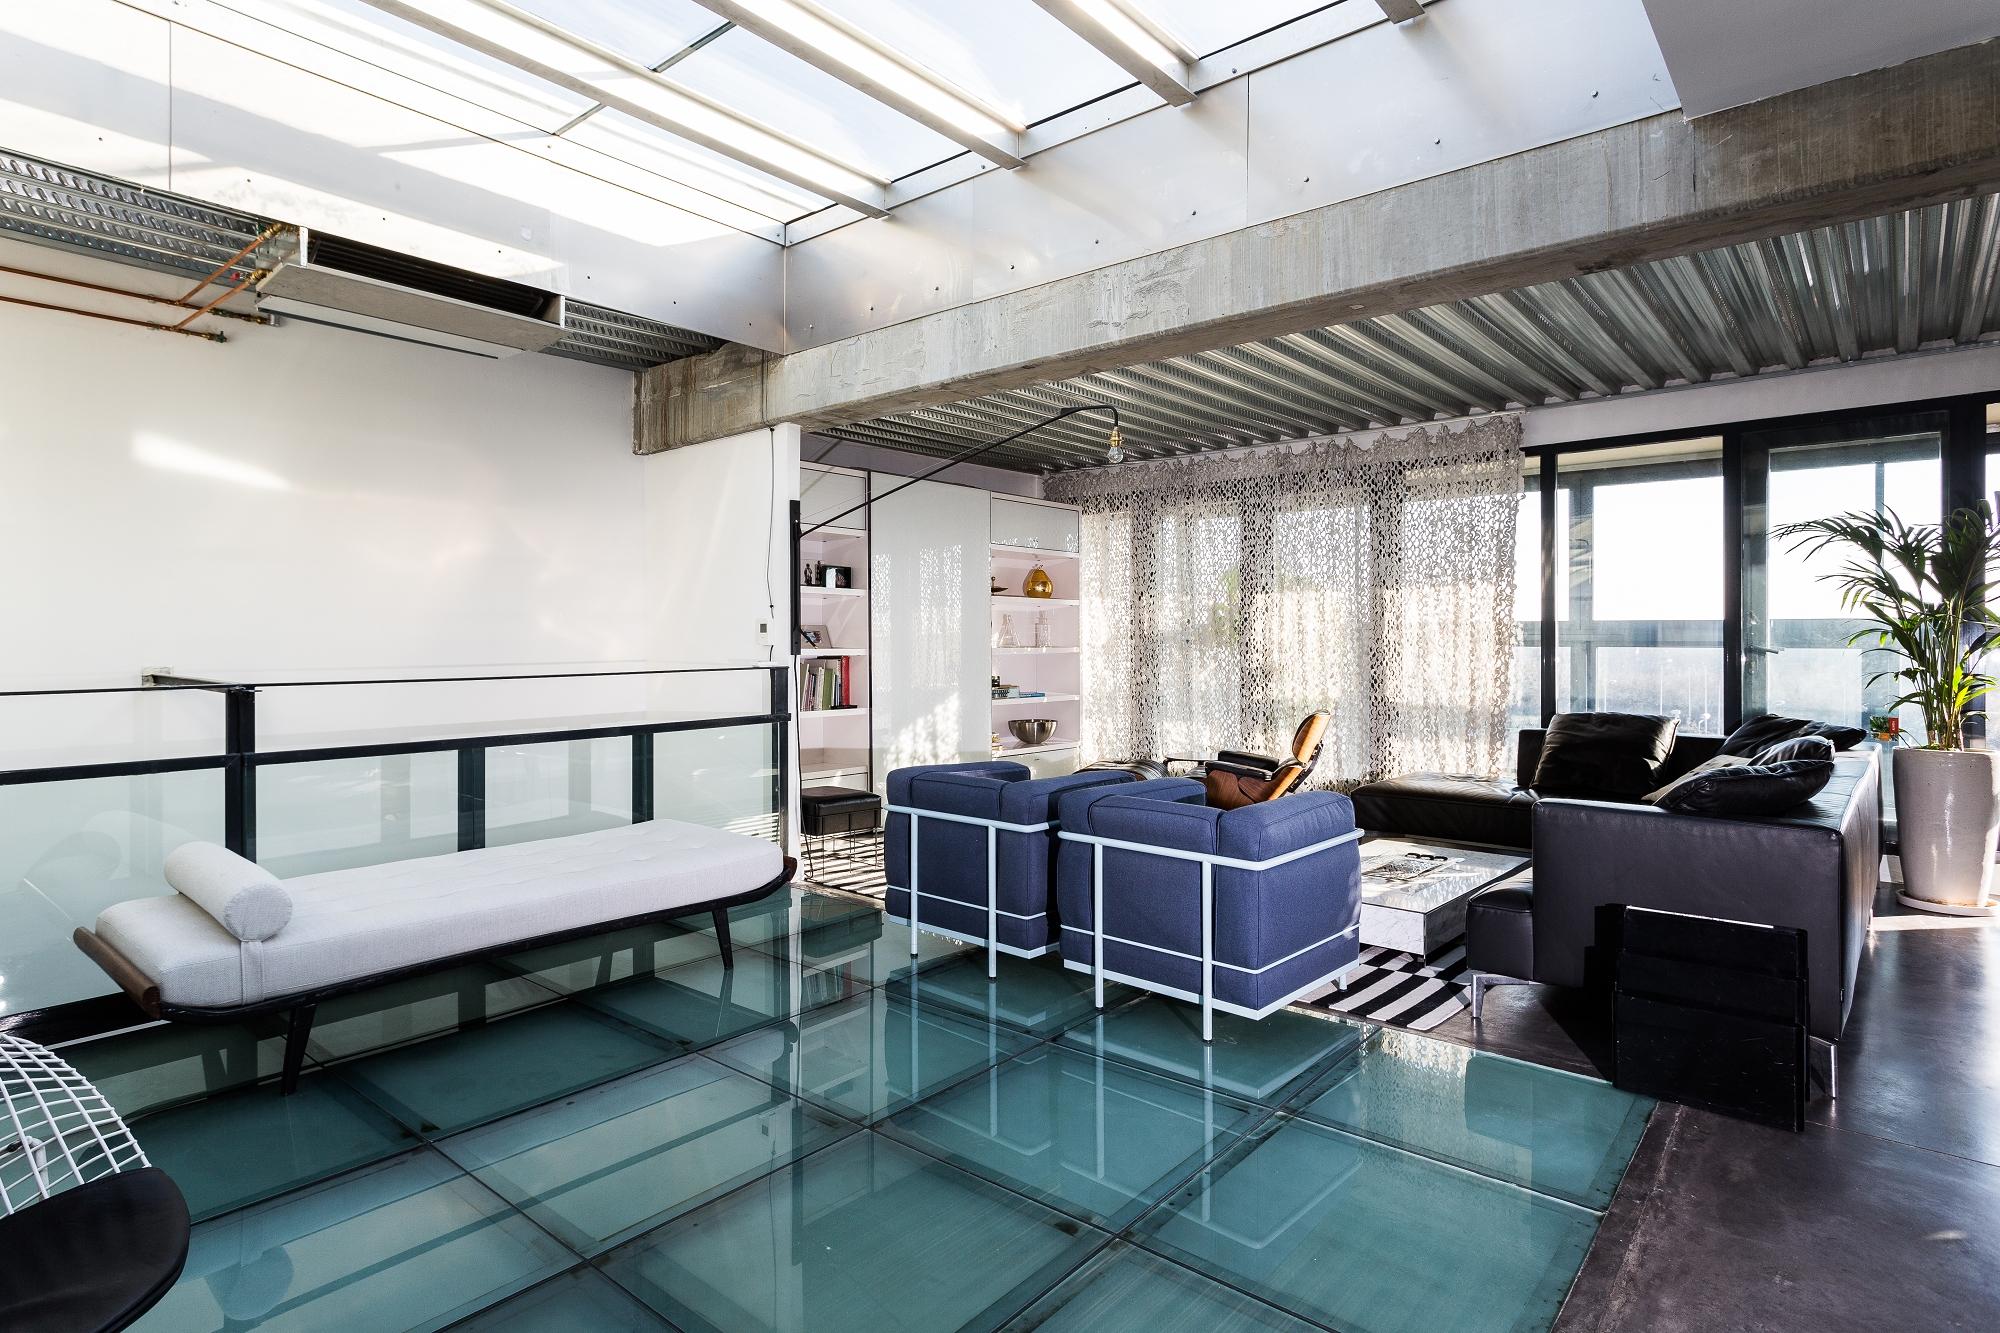 Maison architecte obligatoire maison moderne for Maison architecte moderne